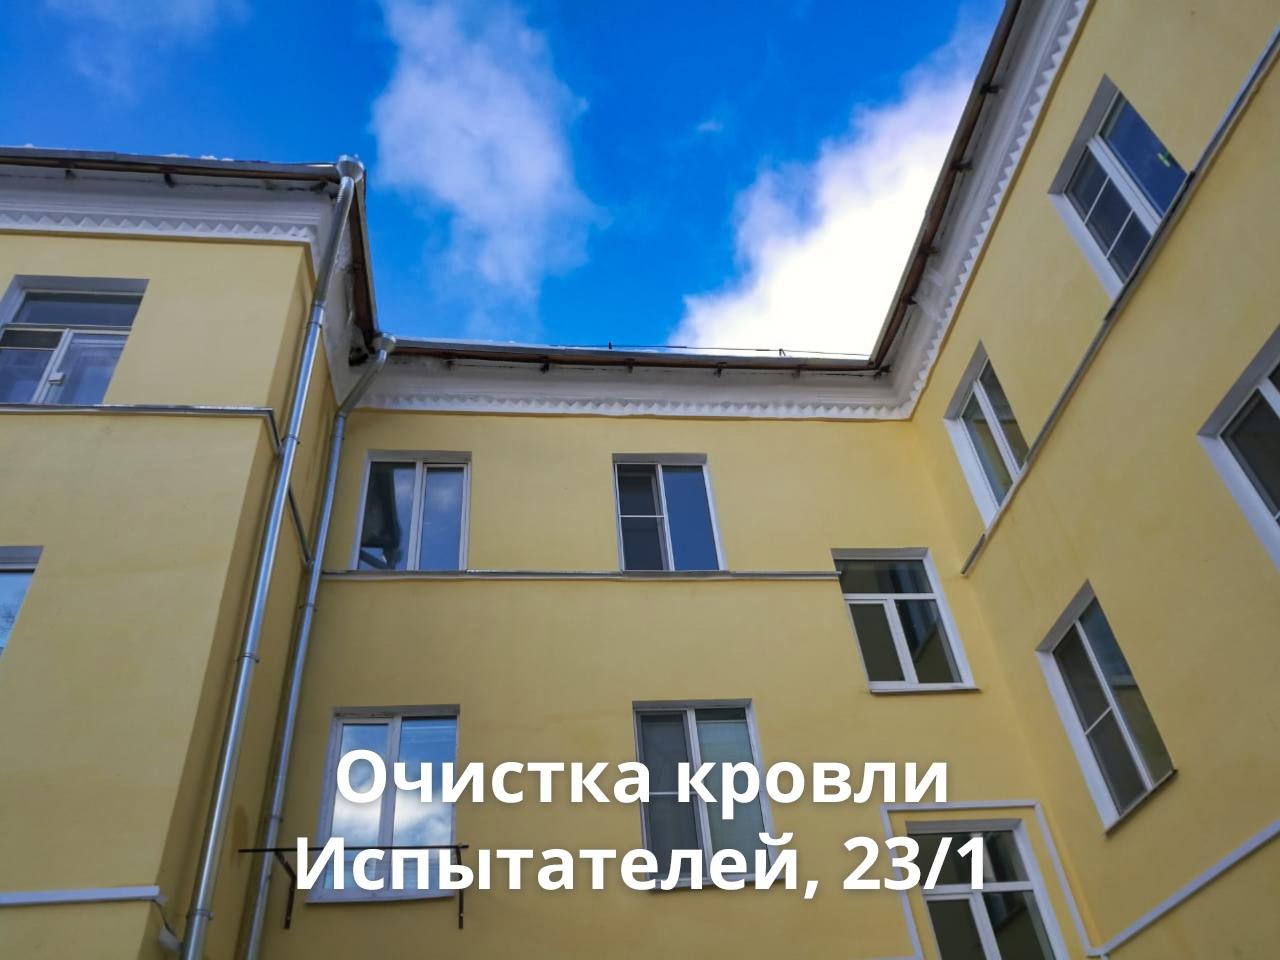 Очистили кровлю на Испытателей, 23/1 и Лермонтова, 6